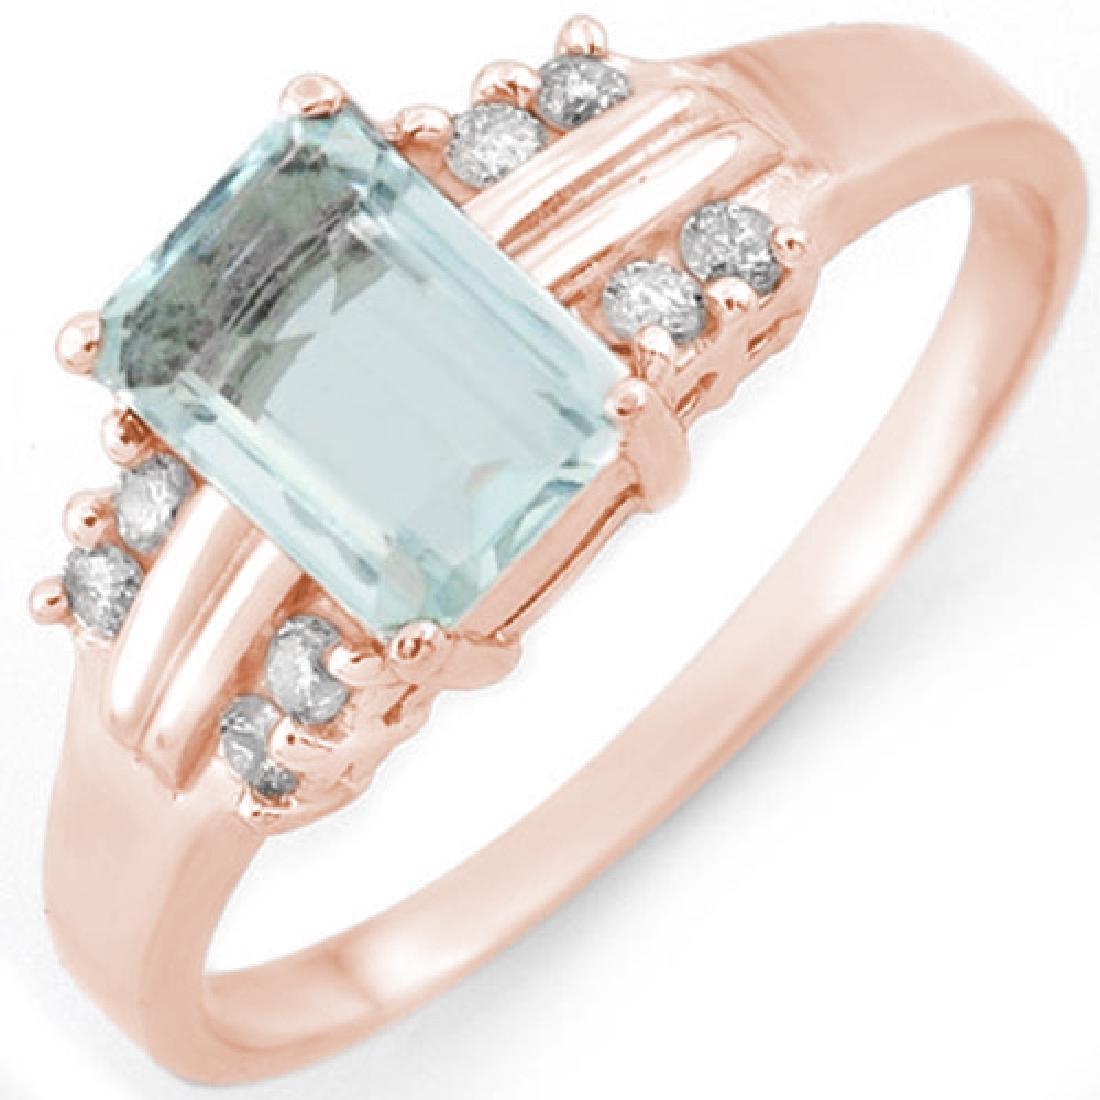 1.41 CTW Aquamarine & Diamond Ring 18K Rose Gold